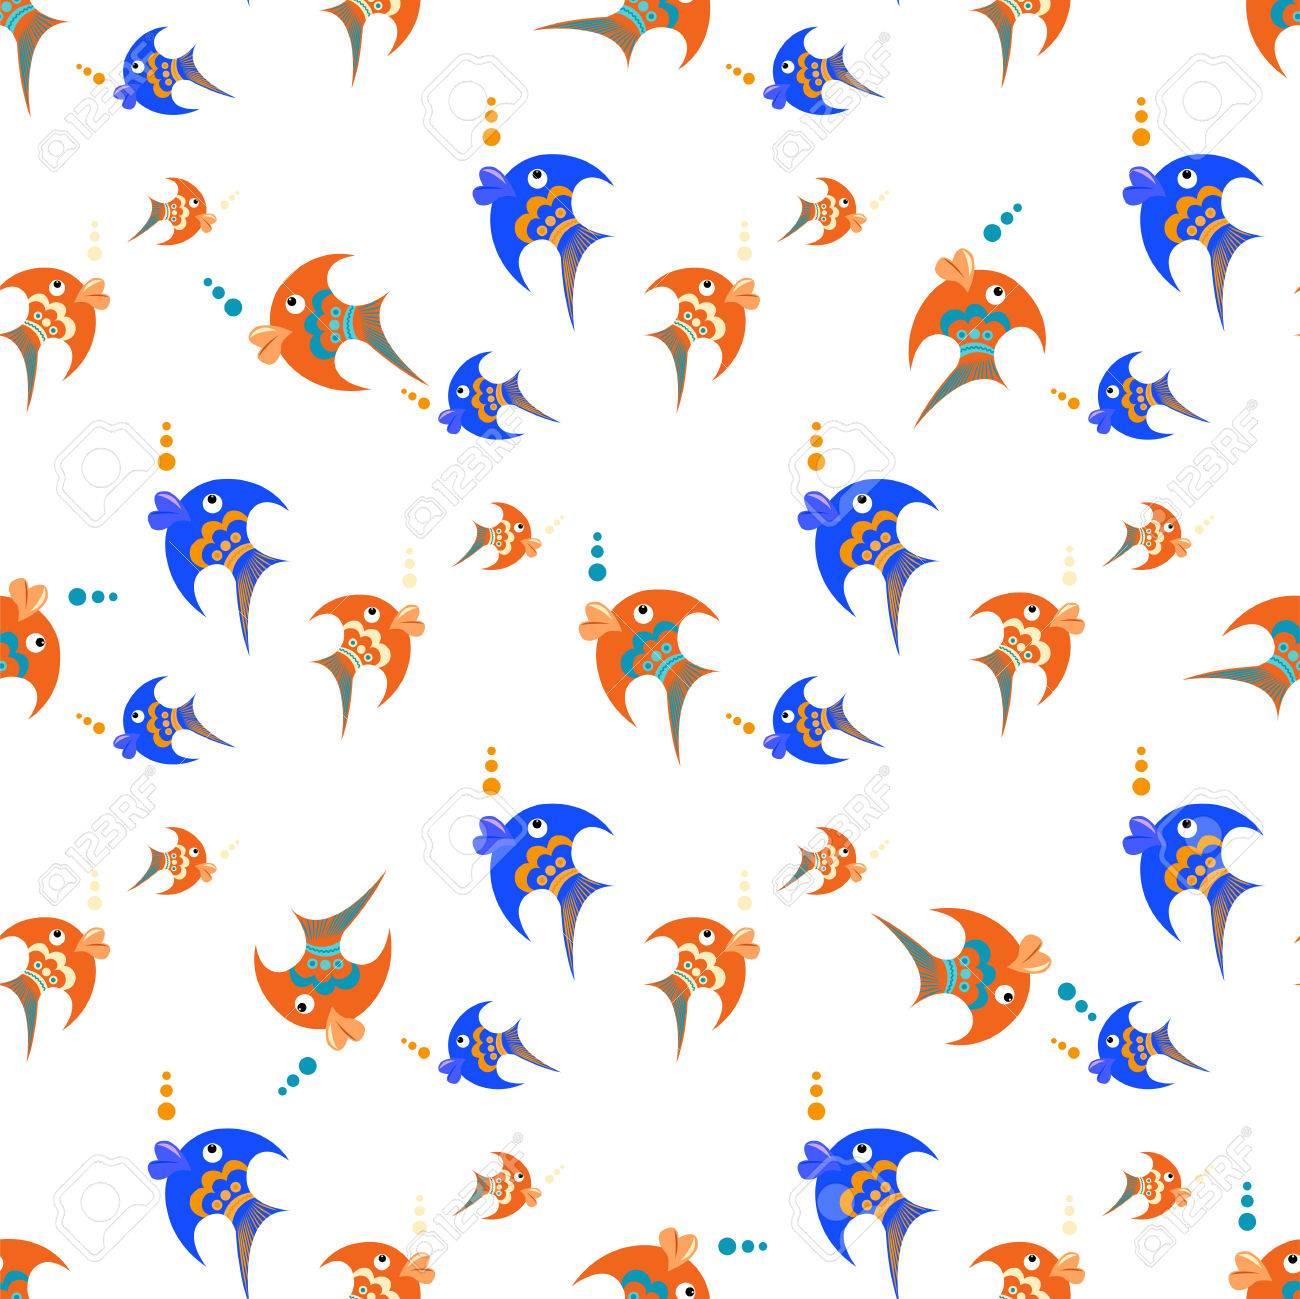 Vettoriale Pesce Blu E Arancione Su Uno Sfondo Bianco Modello